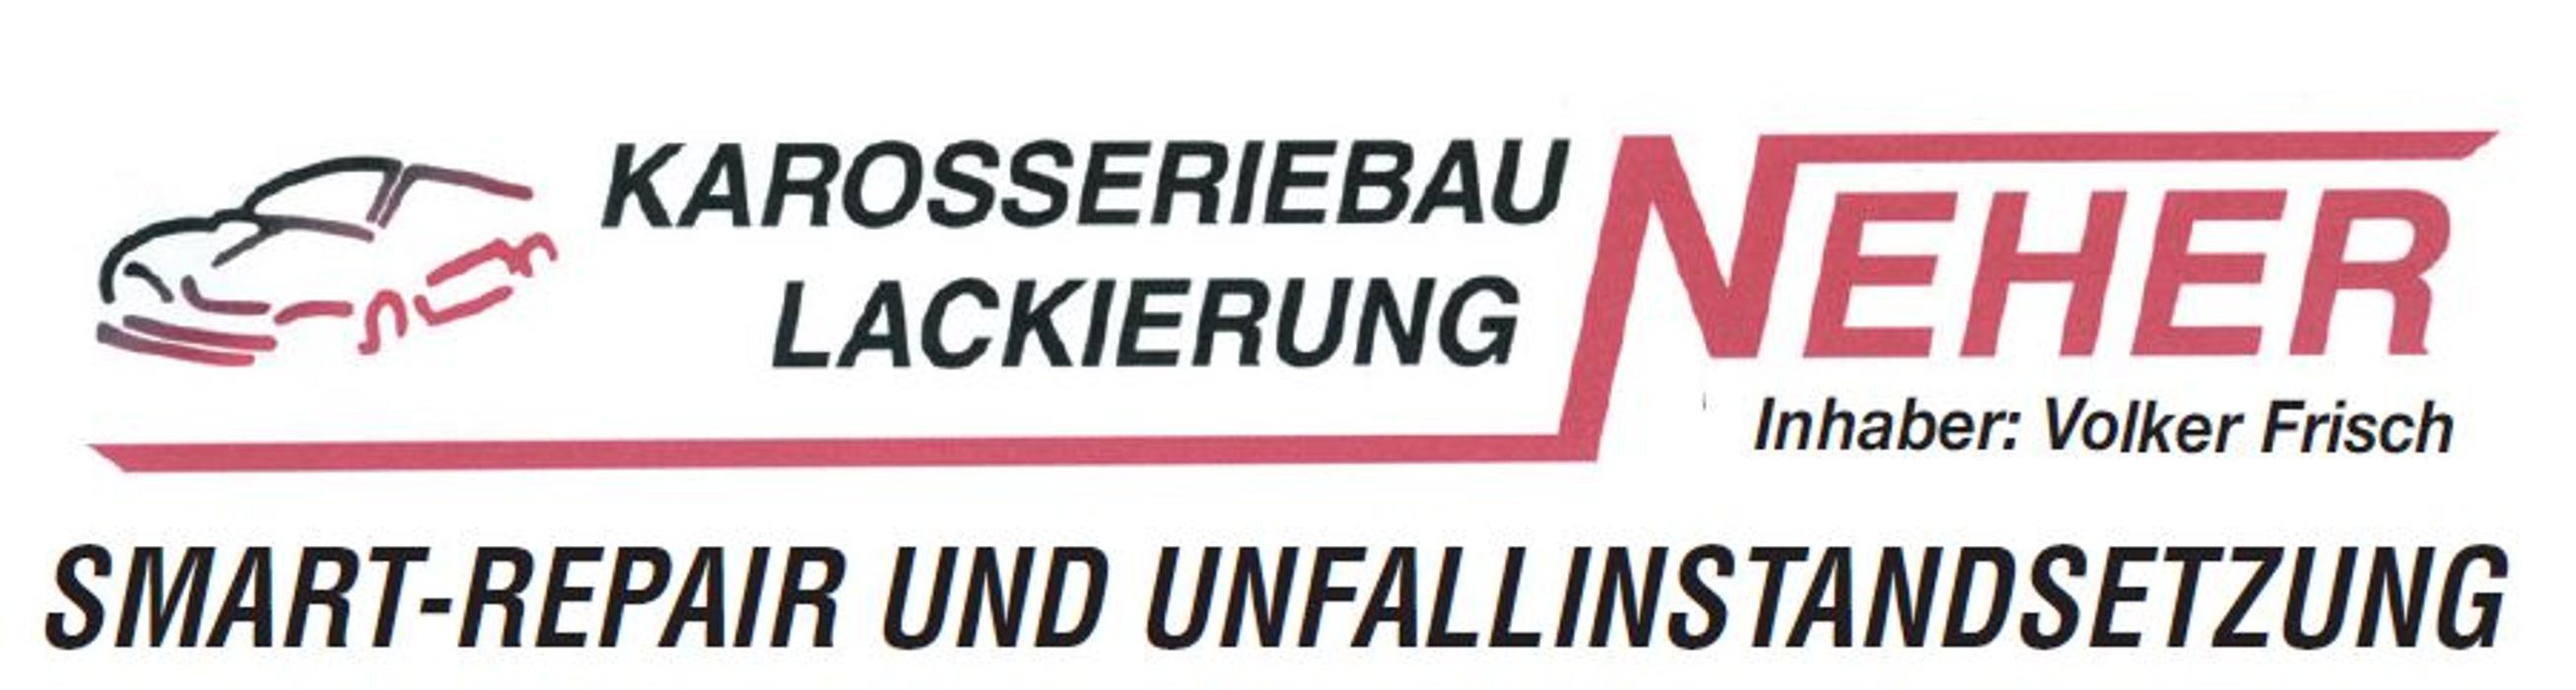 Bild zu Neher Karosseriebau Inh. Volker Frisch in Iffezheim